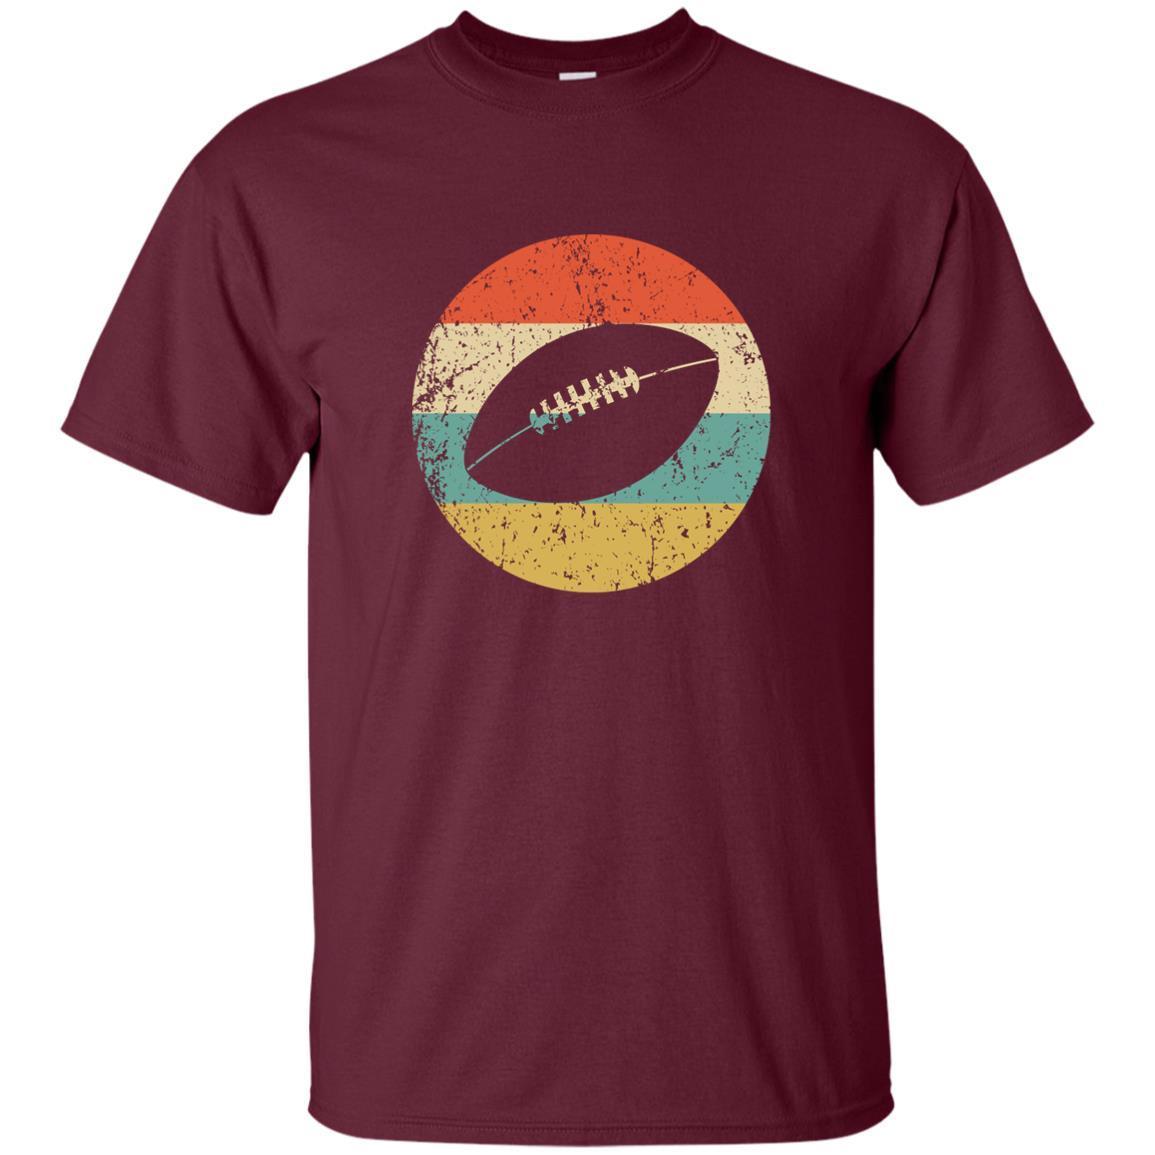 Football – Vintage Retro Football Unisex Short Sleeve